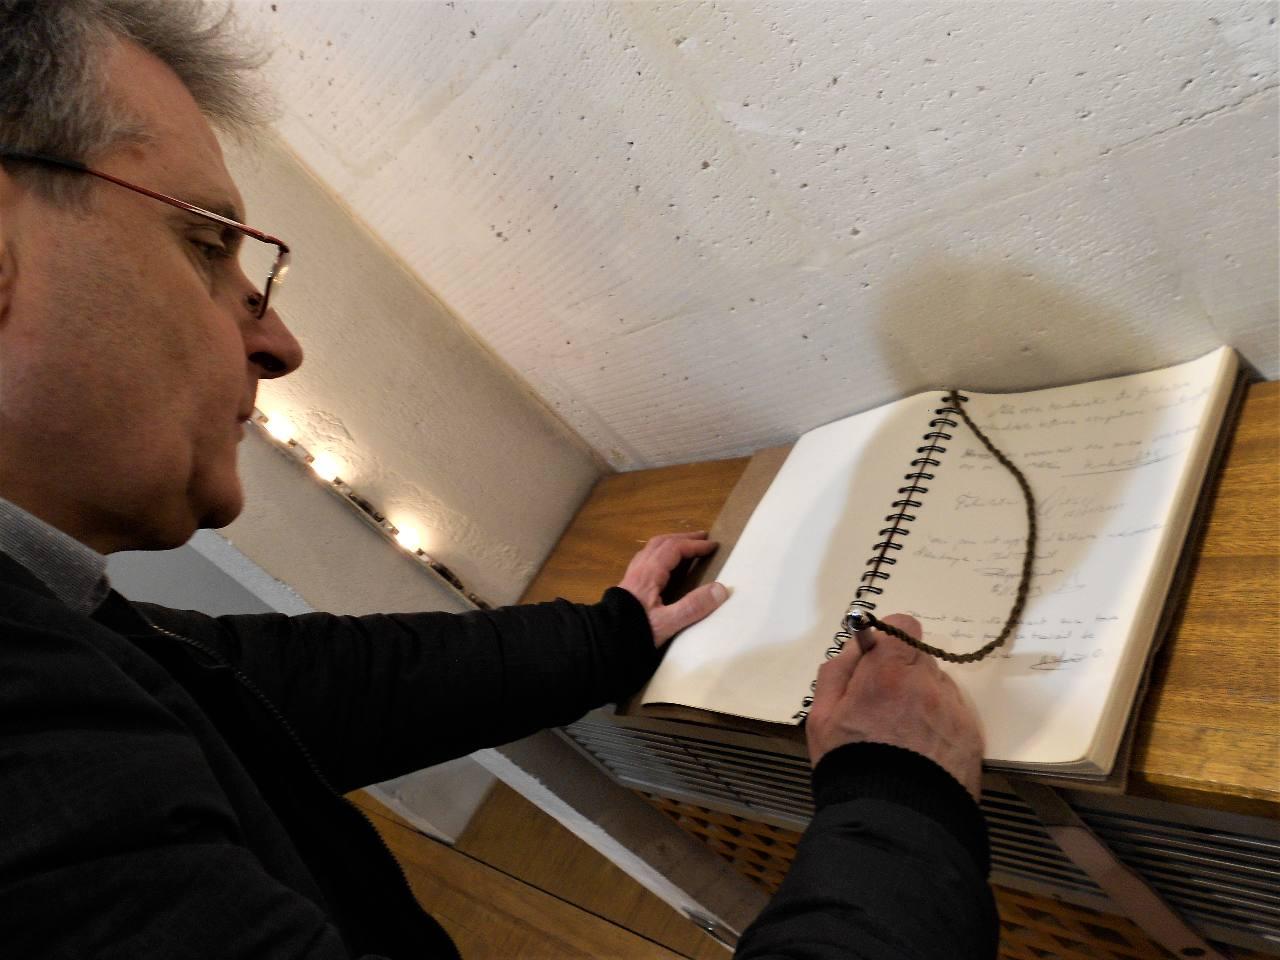 """... plutôt armé d'un stylo pour signer le """"Livre d'Or"""" qui attend les visiteurs !"""